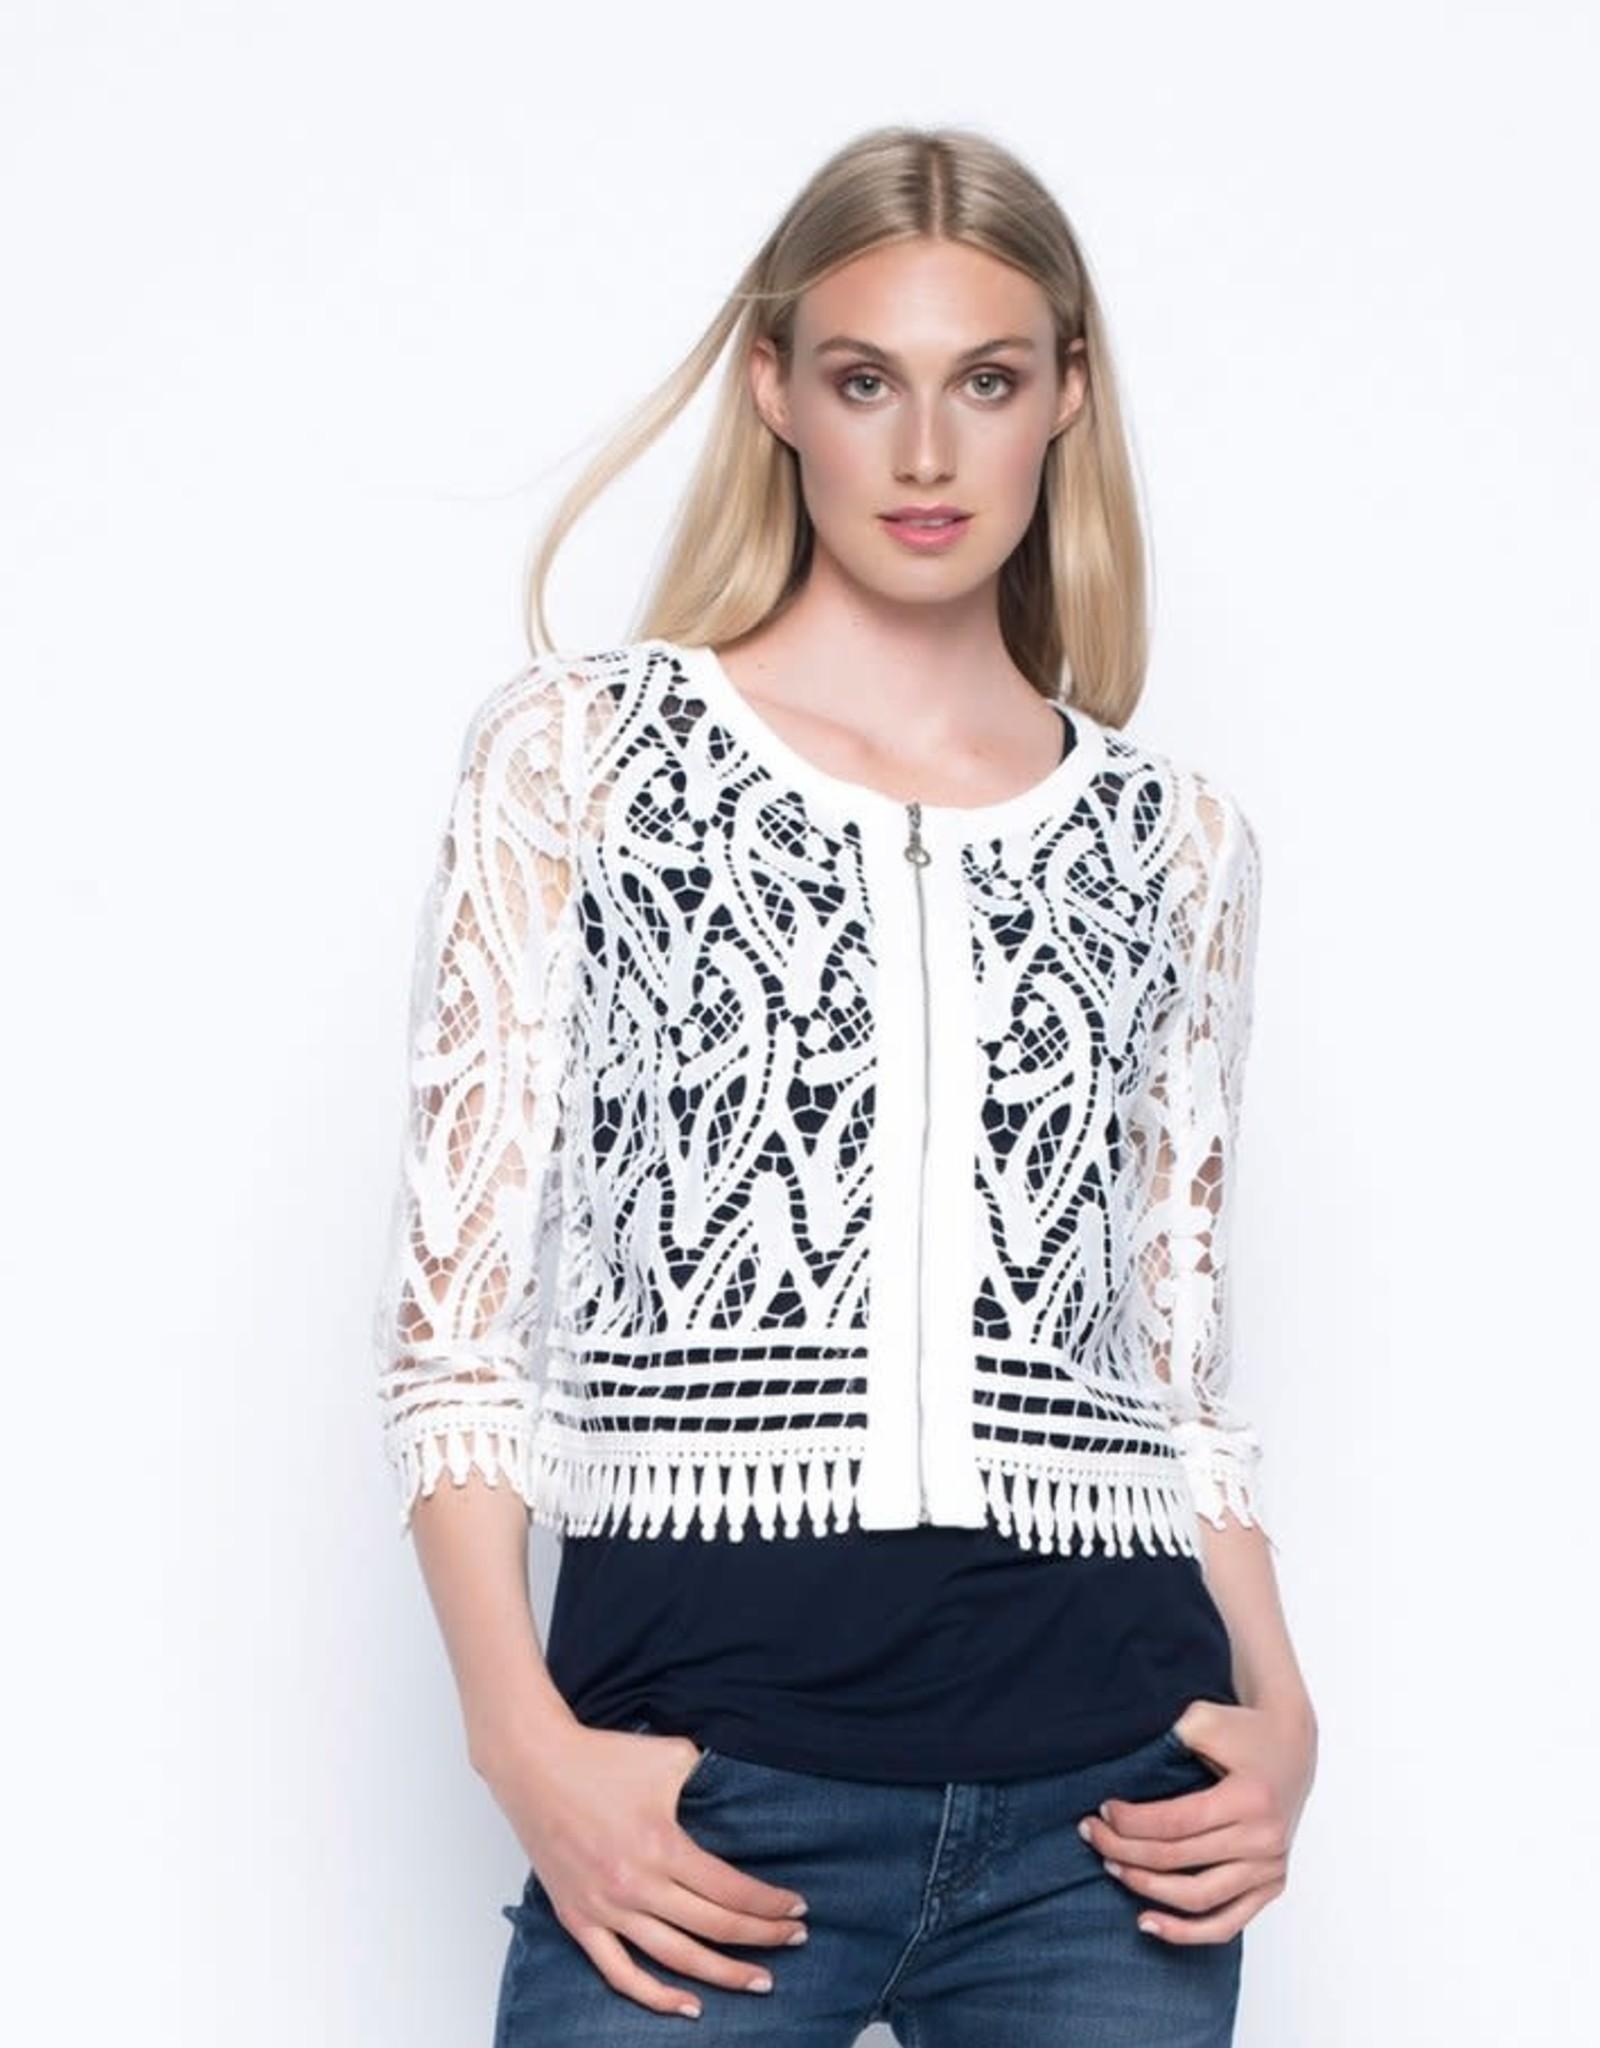 ¾ Sleeve Lace Jacket